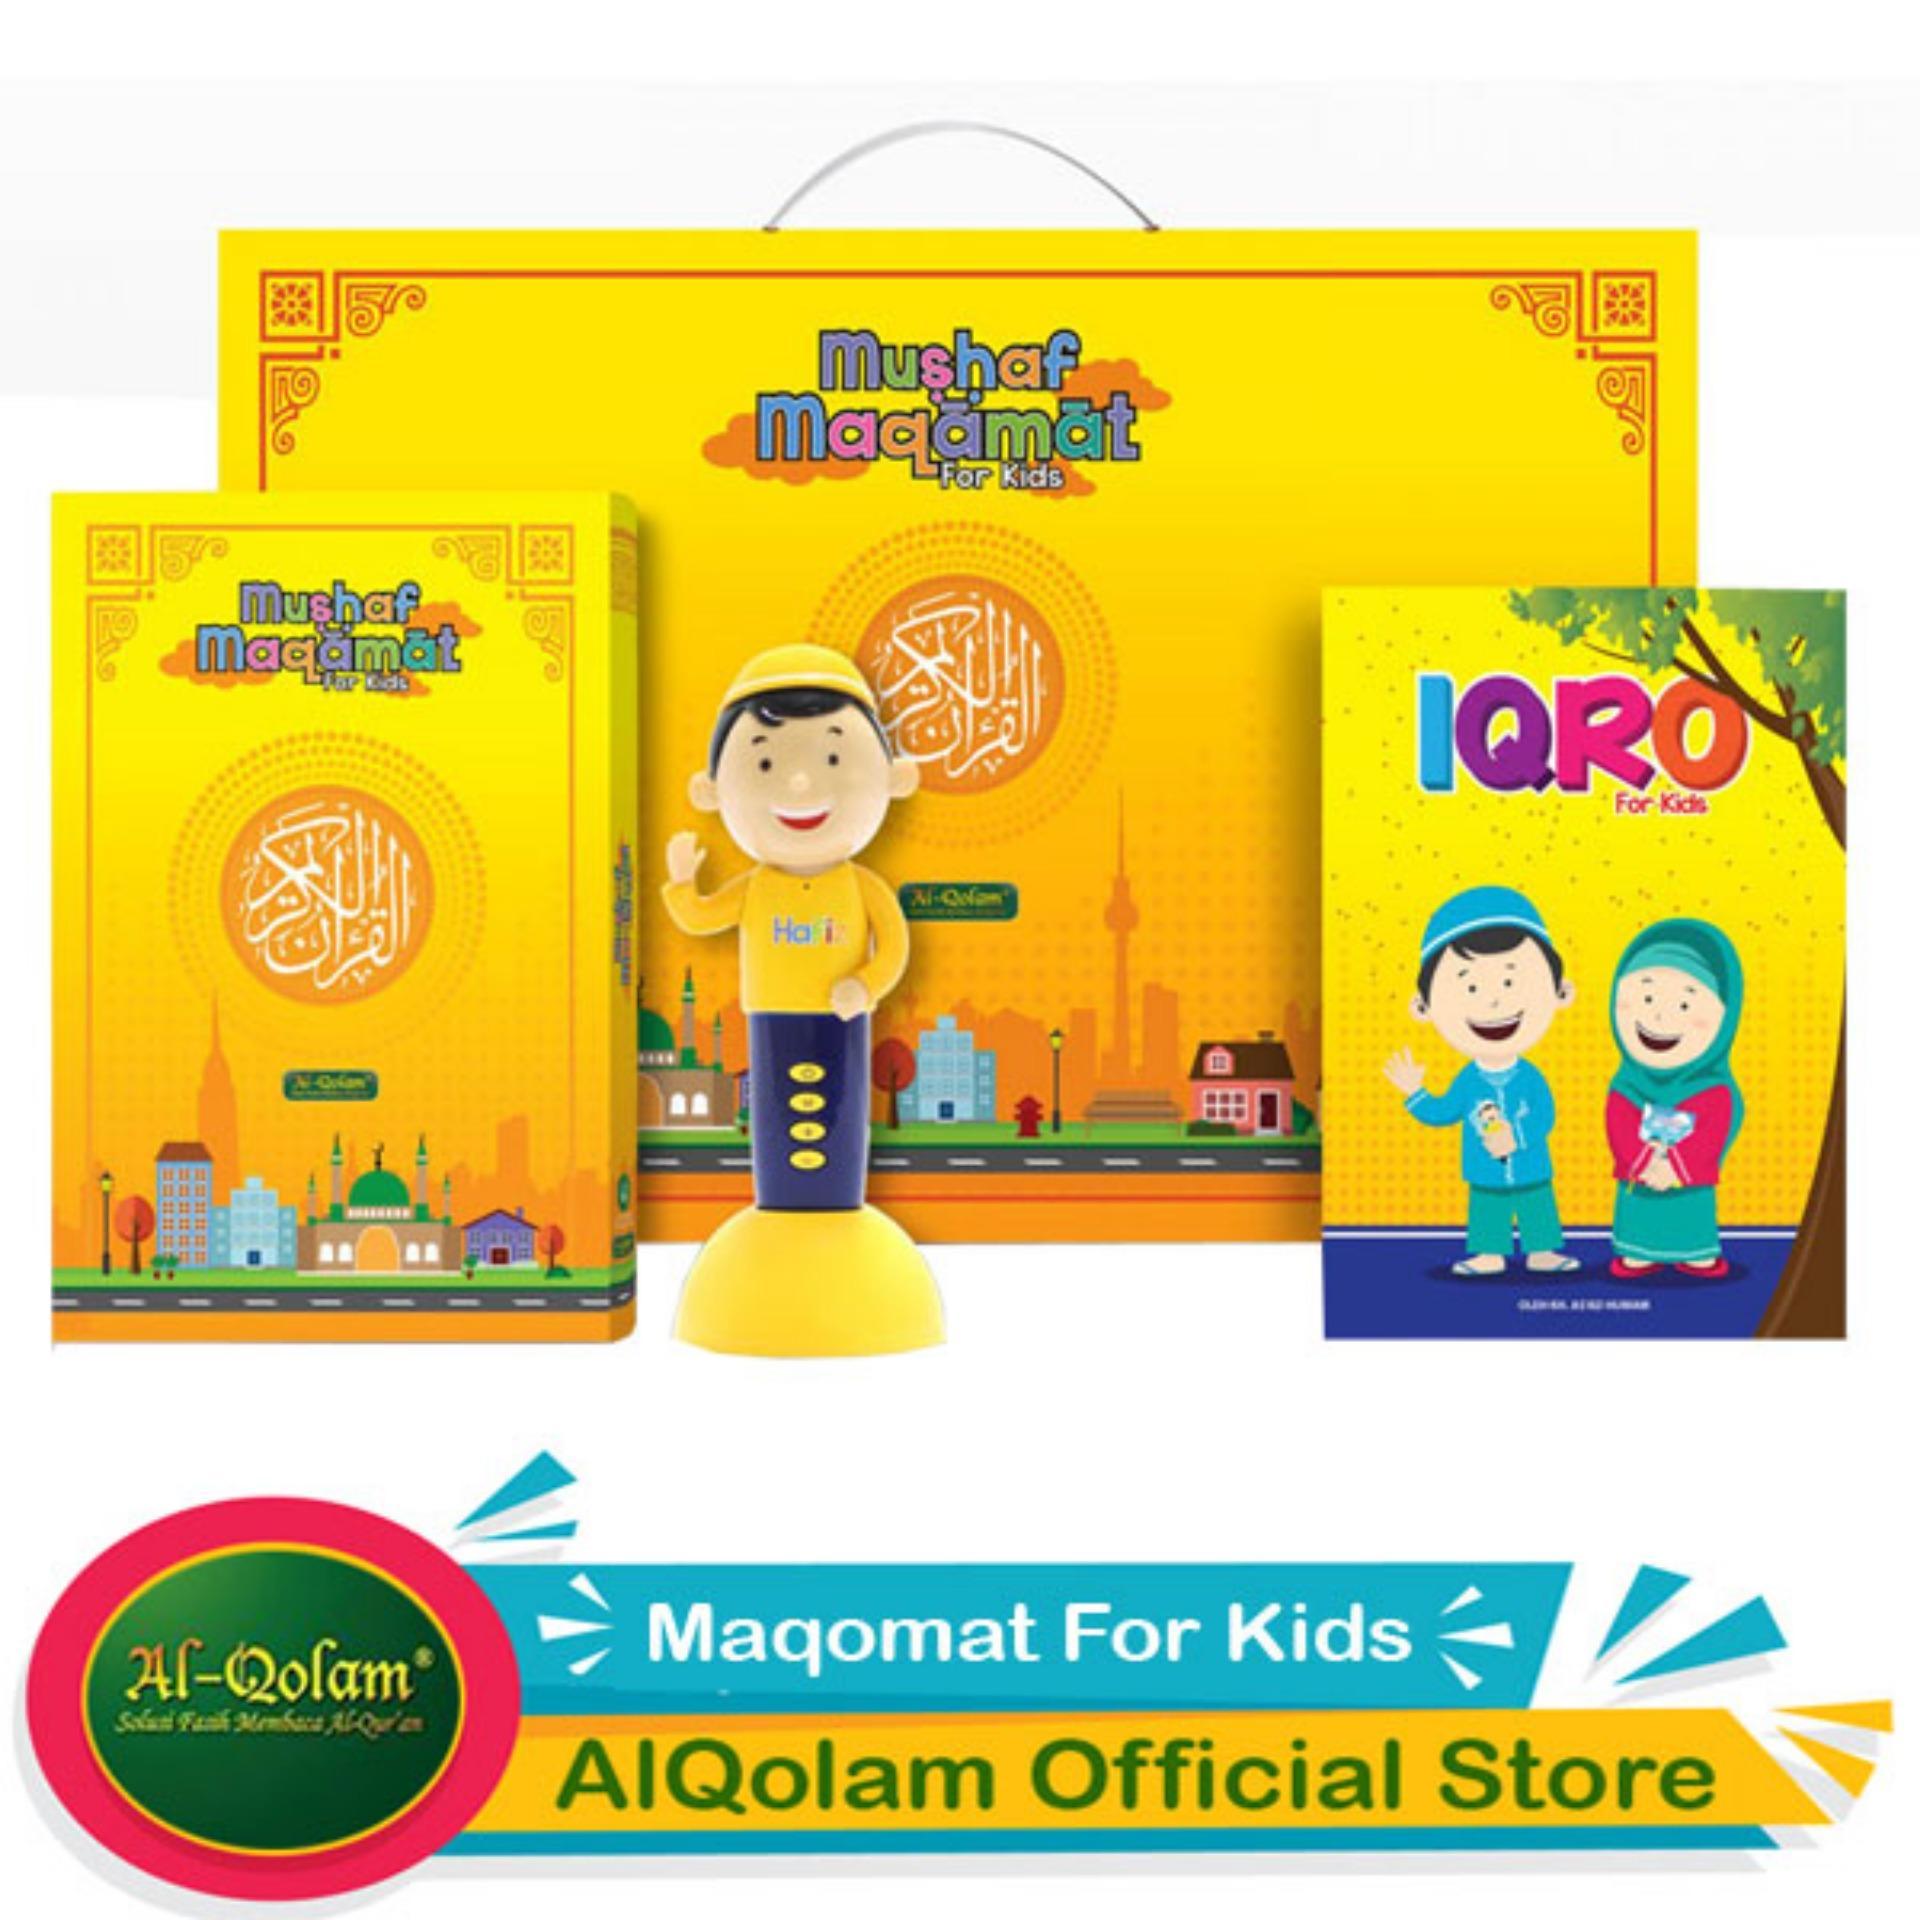 Review Al Quran Digital Mushaf Maqamat For Kids Al Qolam Di Dki Jakarta